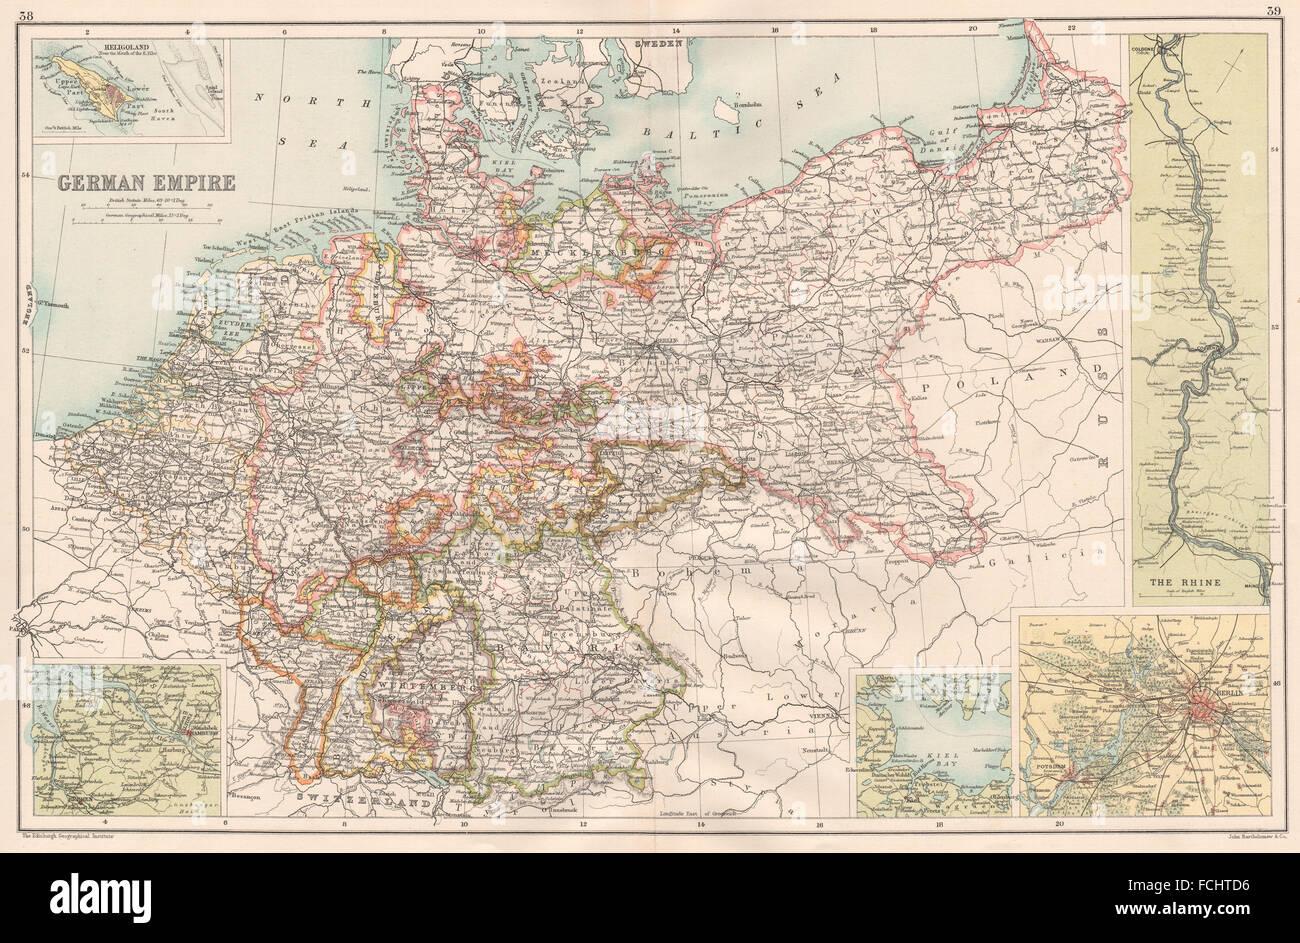 Kieler Bucht Karte.Deutsches Reich Inset Kieler Bucht Der Rhein Berlin Hamburg